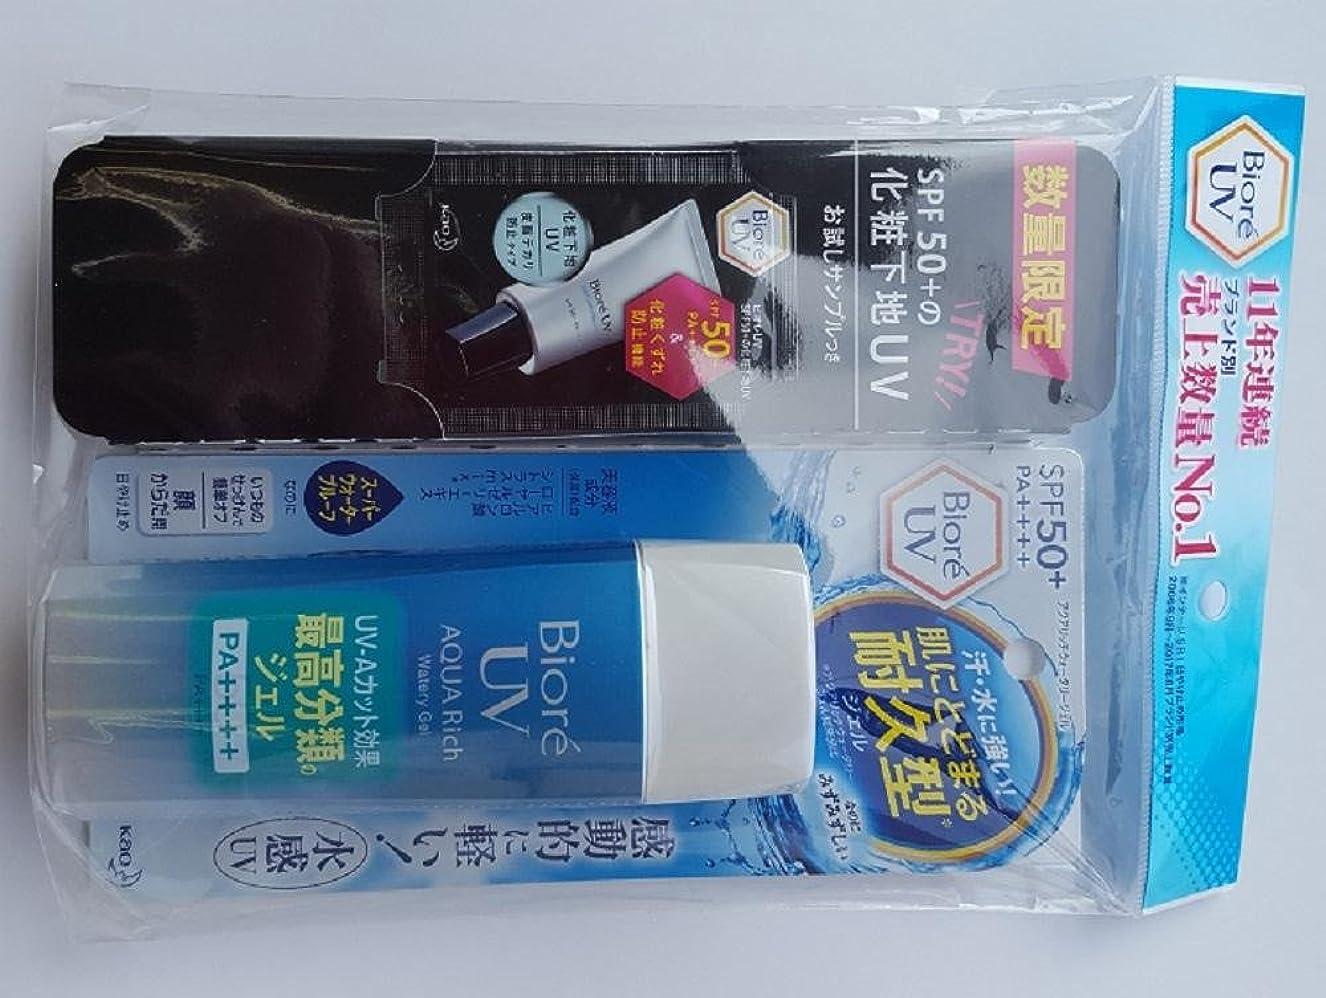 啓発する契約するゴミビオレ UV アクアリッチ ウォータリージェル SPF50+/PA++++ 90ml+ビオレ UV 化粧下地UV 皮脂テカリ防止(試供品)1回分付き